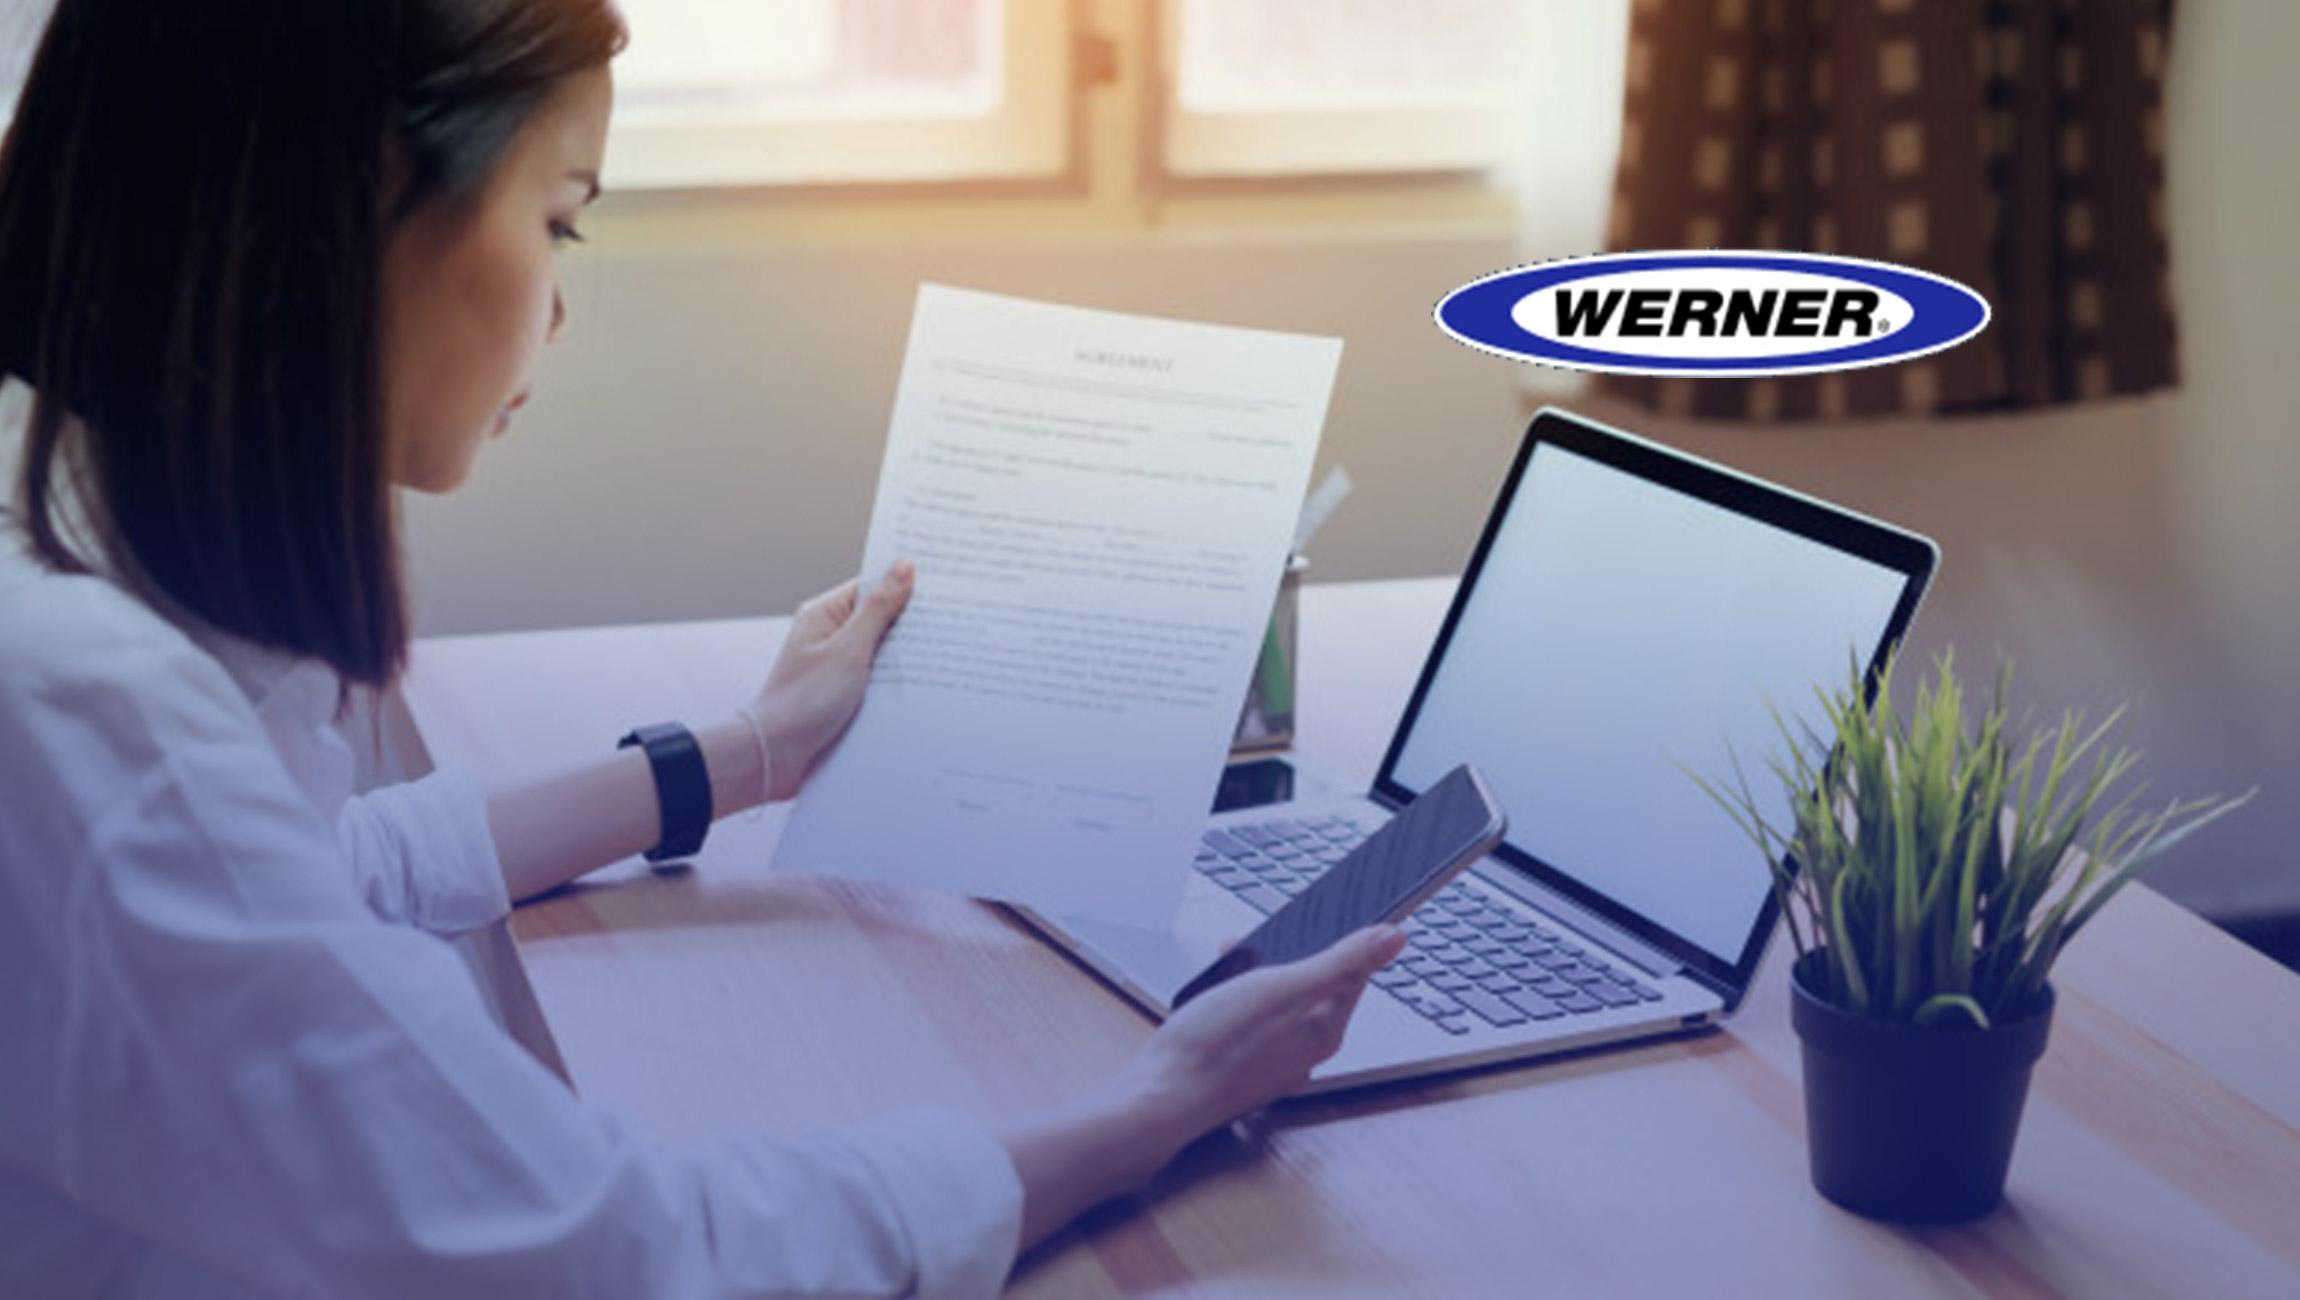 Werner Introduces New SalesTech Platform to Improve Digital Sales